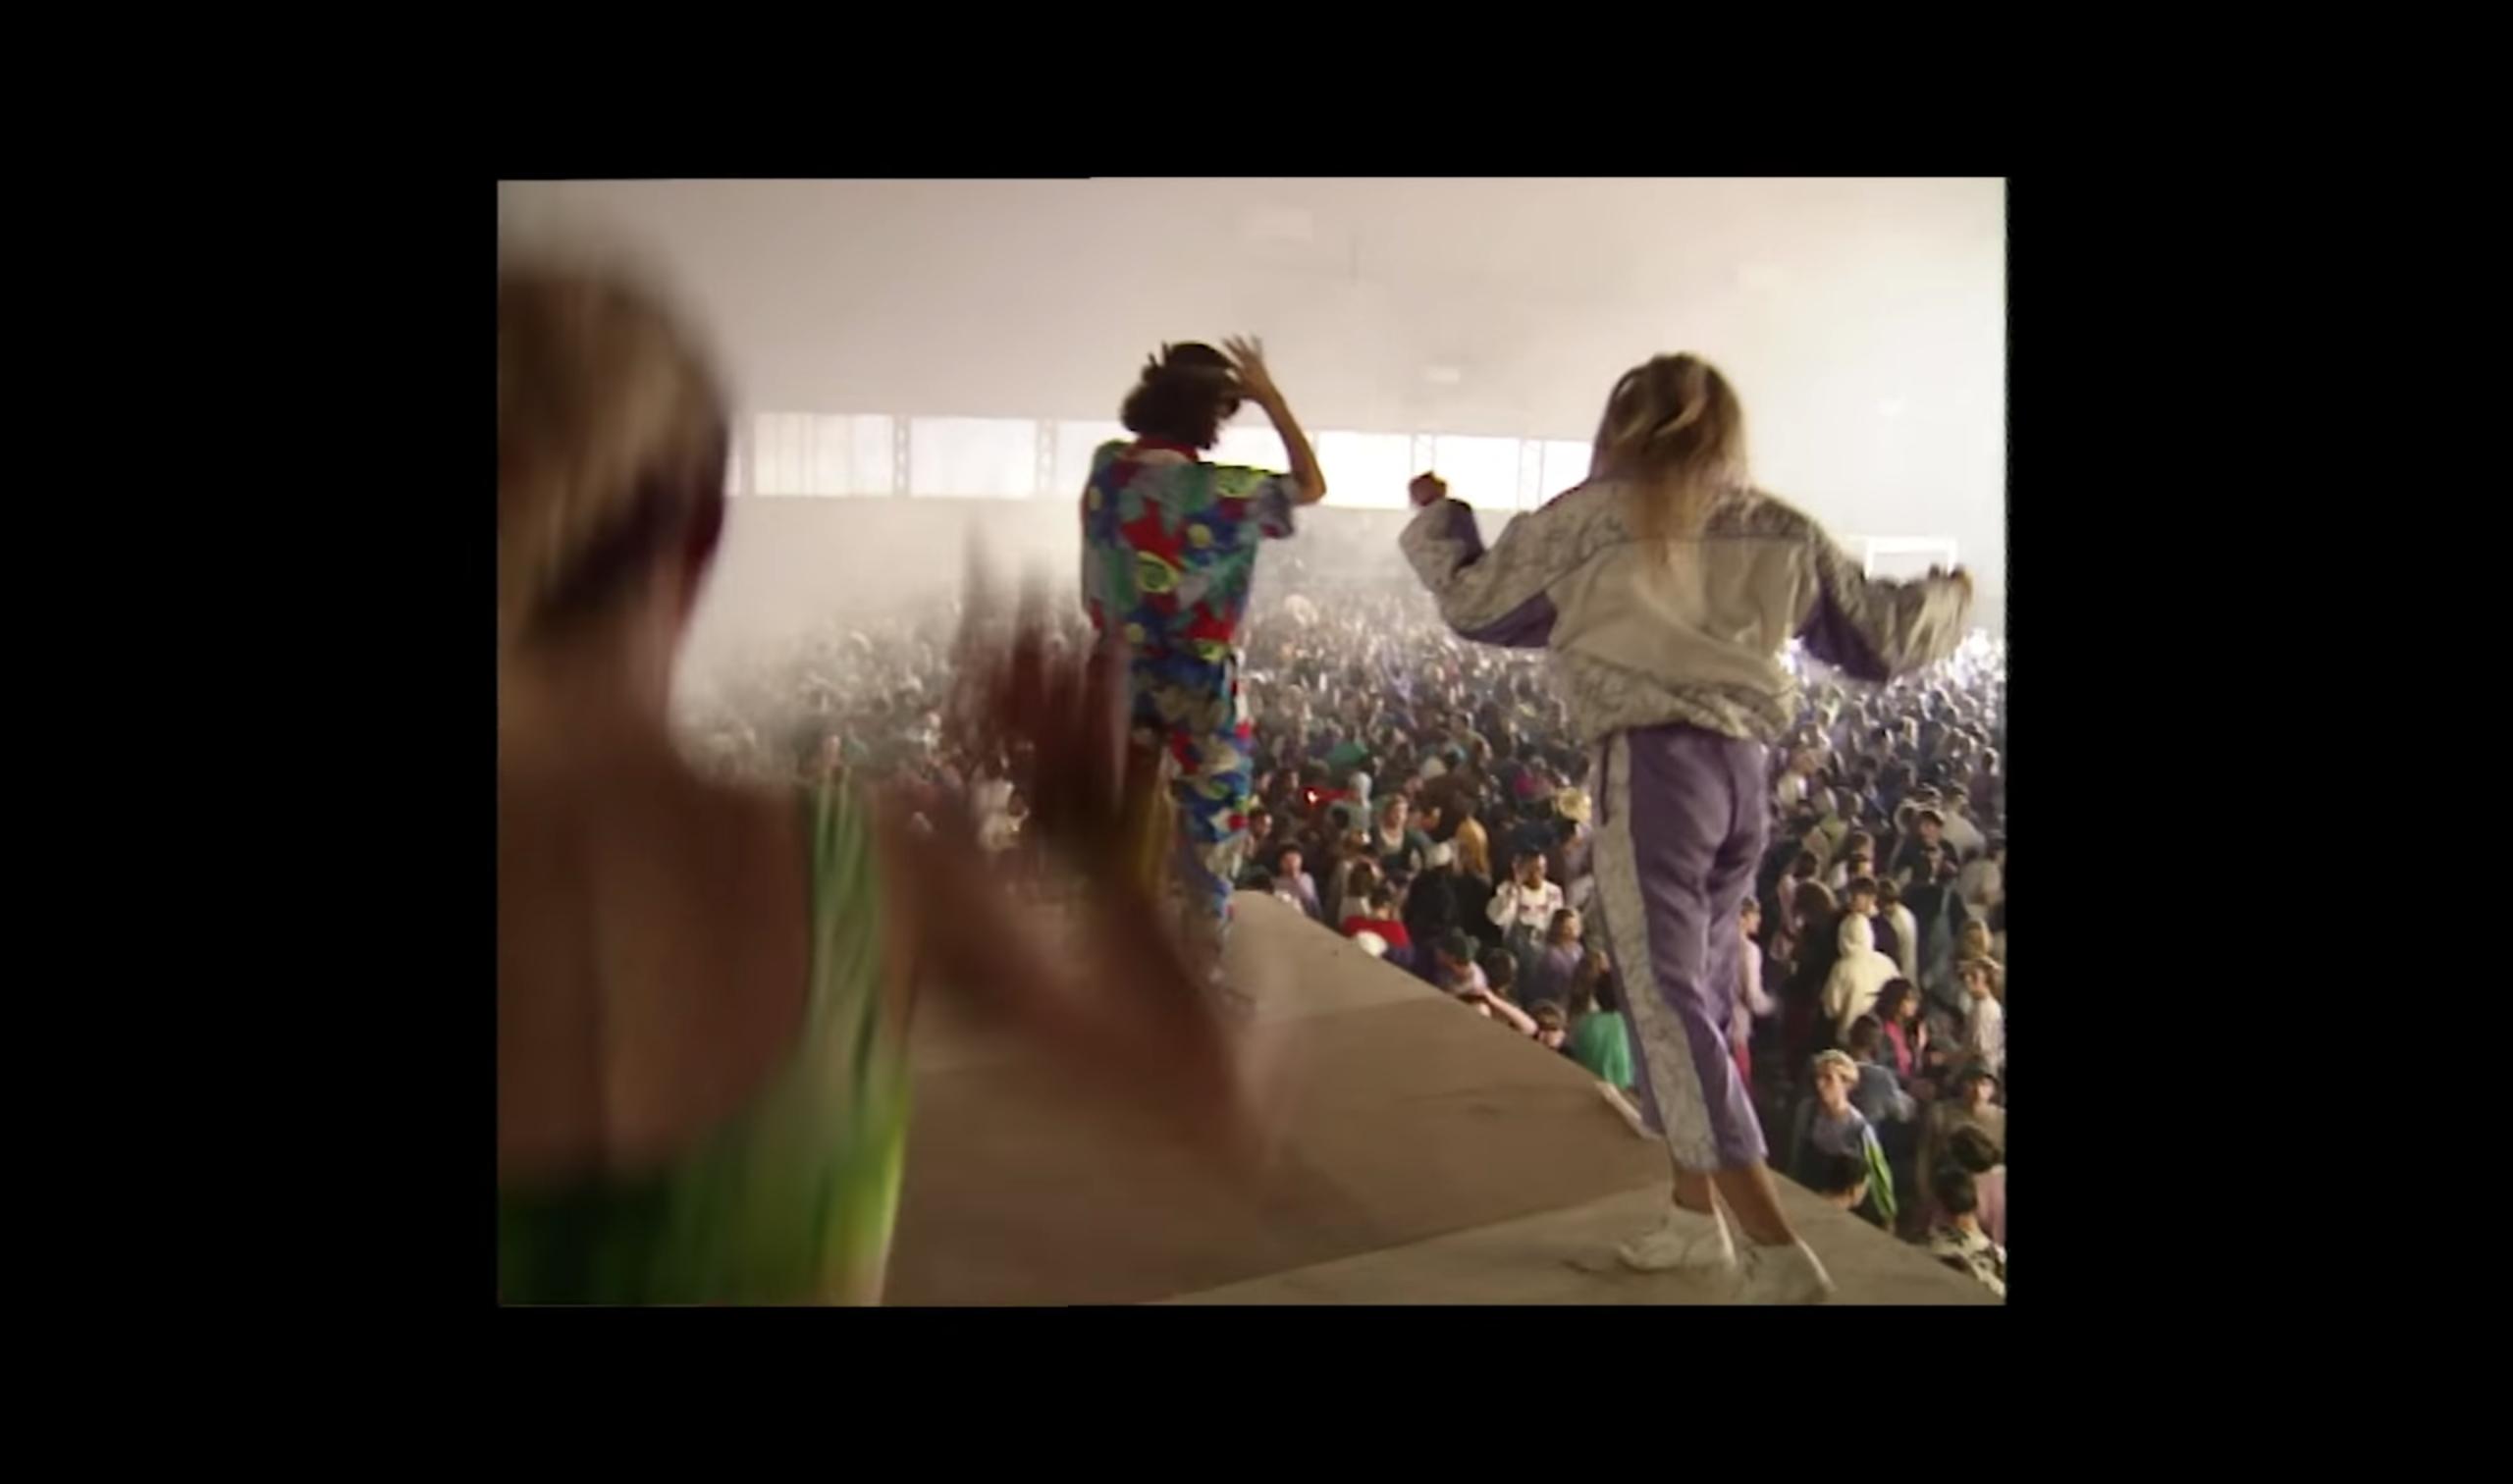 Doku 'Lost Club Culture': Rave im UK der Neunzigerjahre